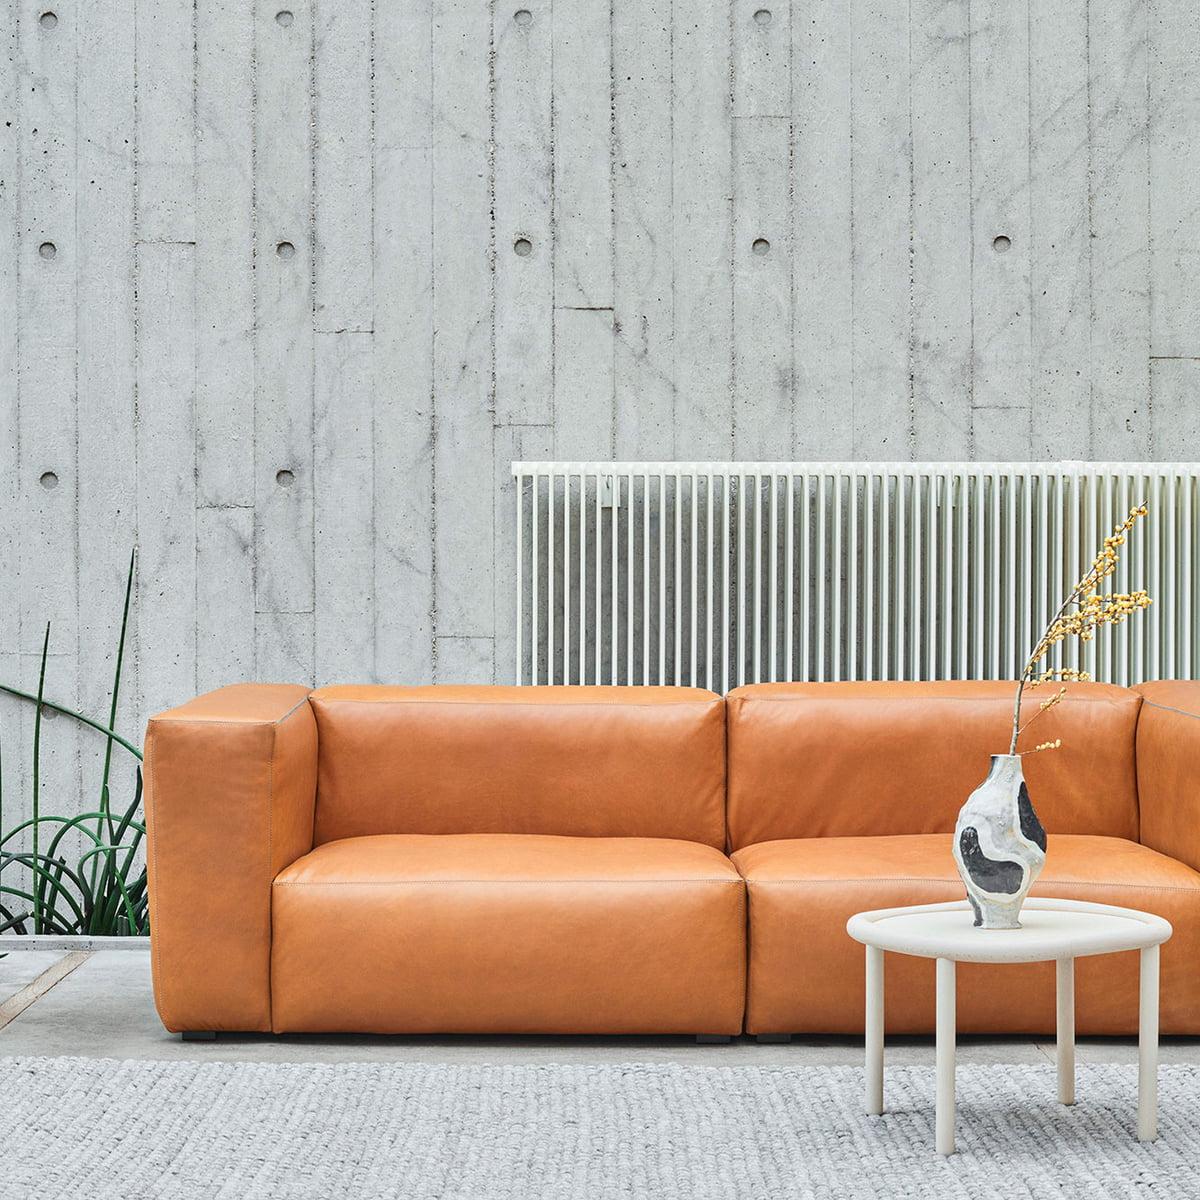 mags soft sofa 2 5 sitzer von hay jetzt bei. Black Bedroom Furniture Sets. Home Design Ideas